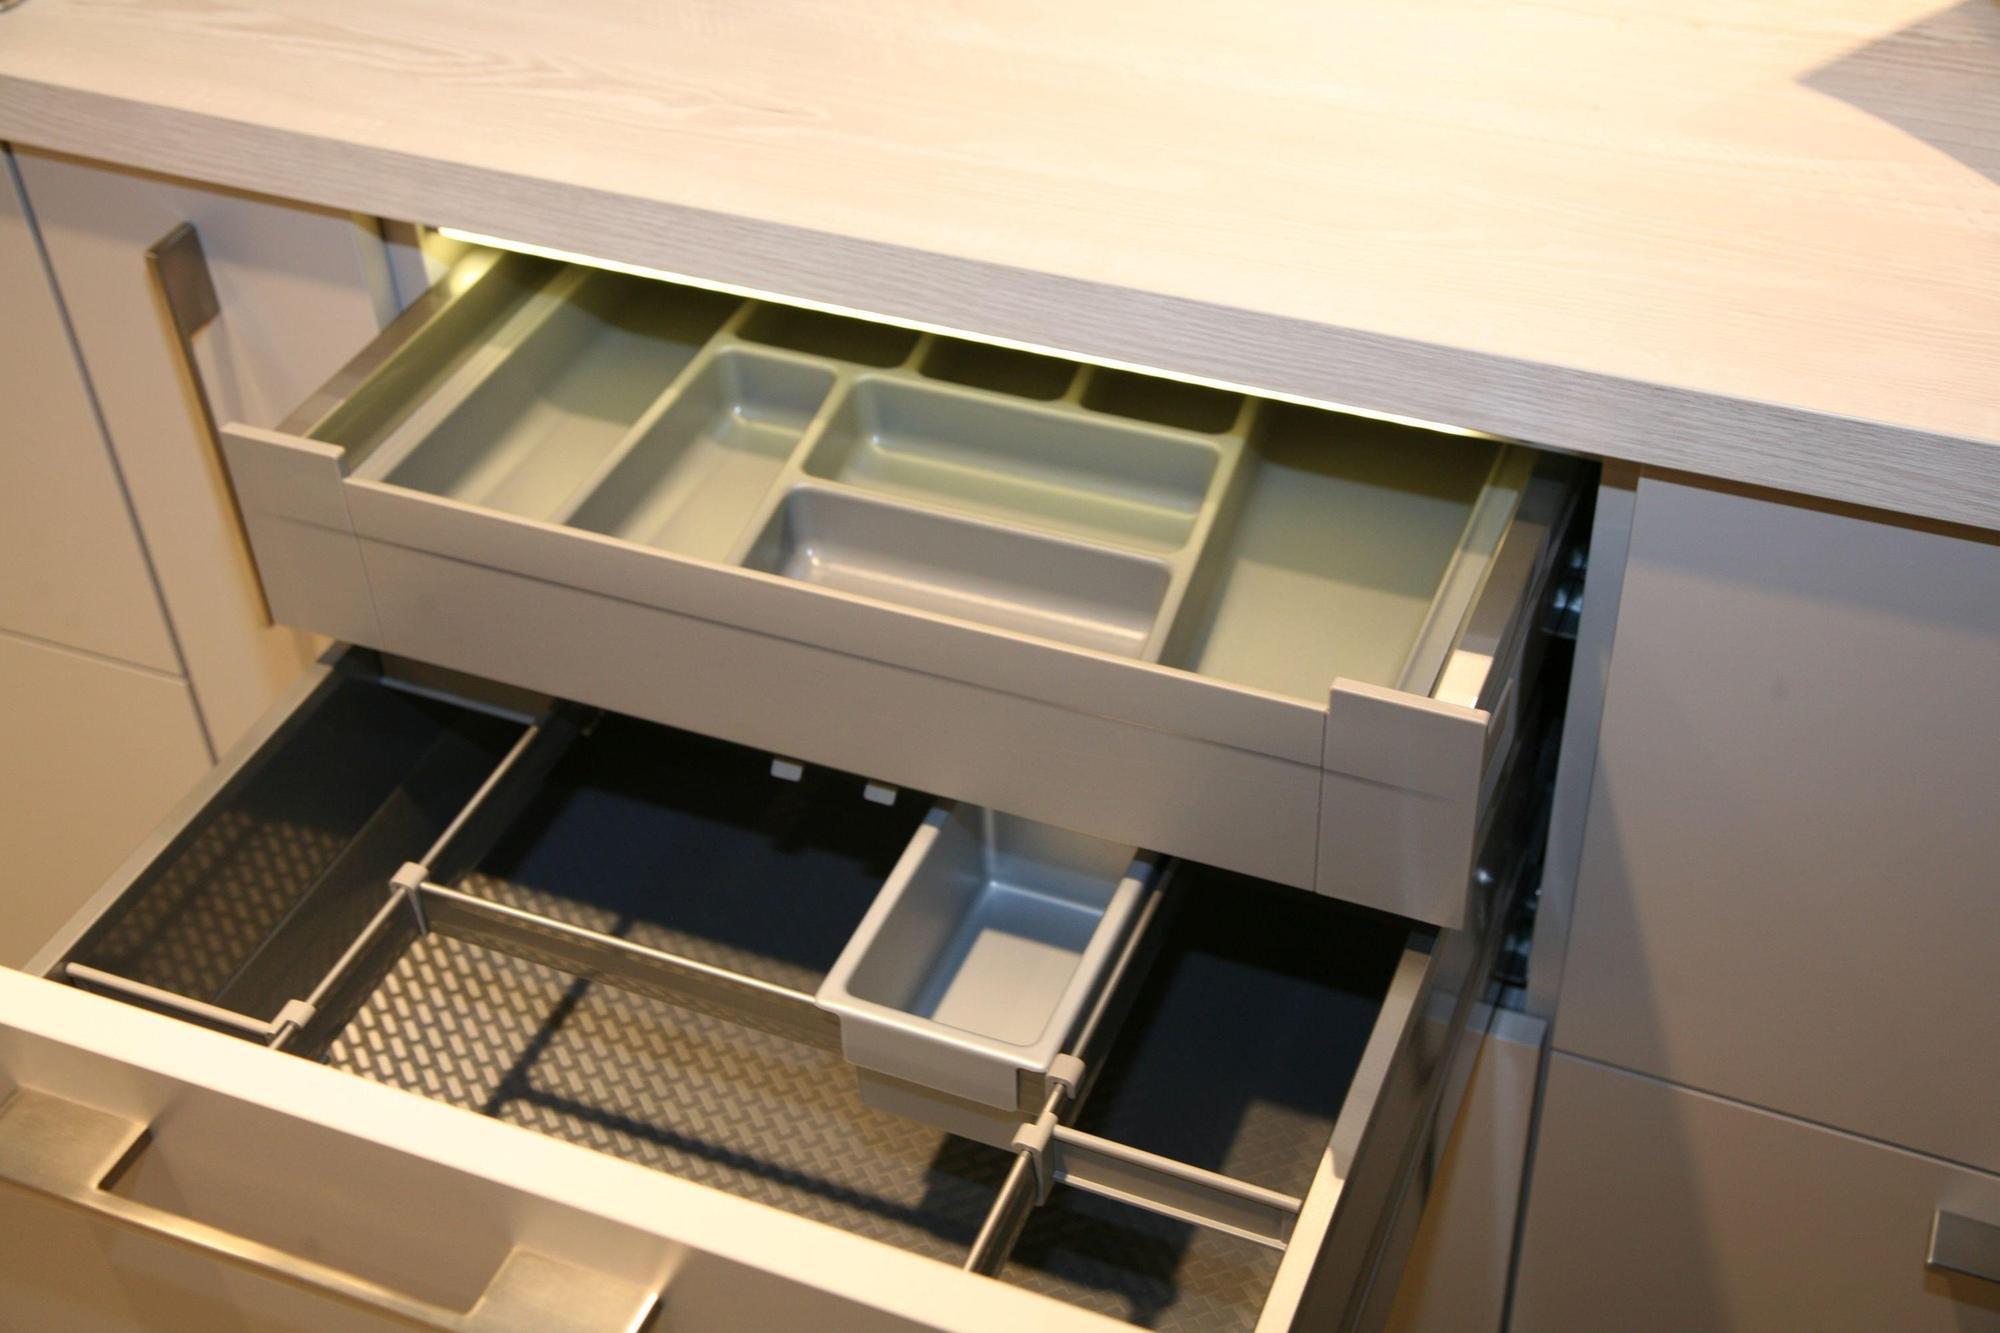 Full Size of Nobilia Besteckeinsatz Besteckkasten Trend 30 90cm Küche Einbauküche Wohnzimmer Nobilia Besteckeinsatz